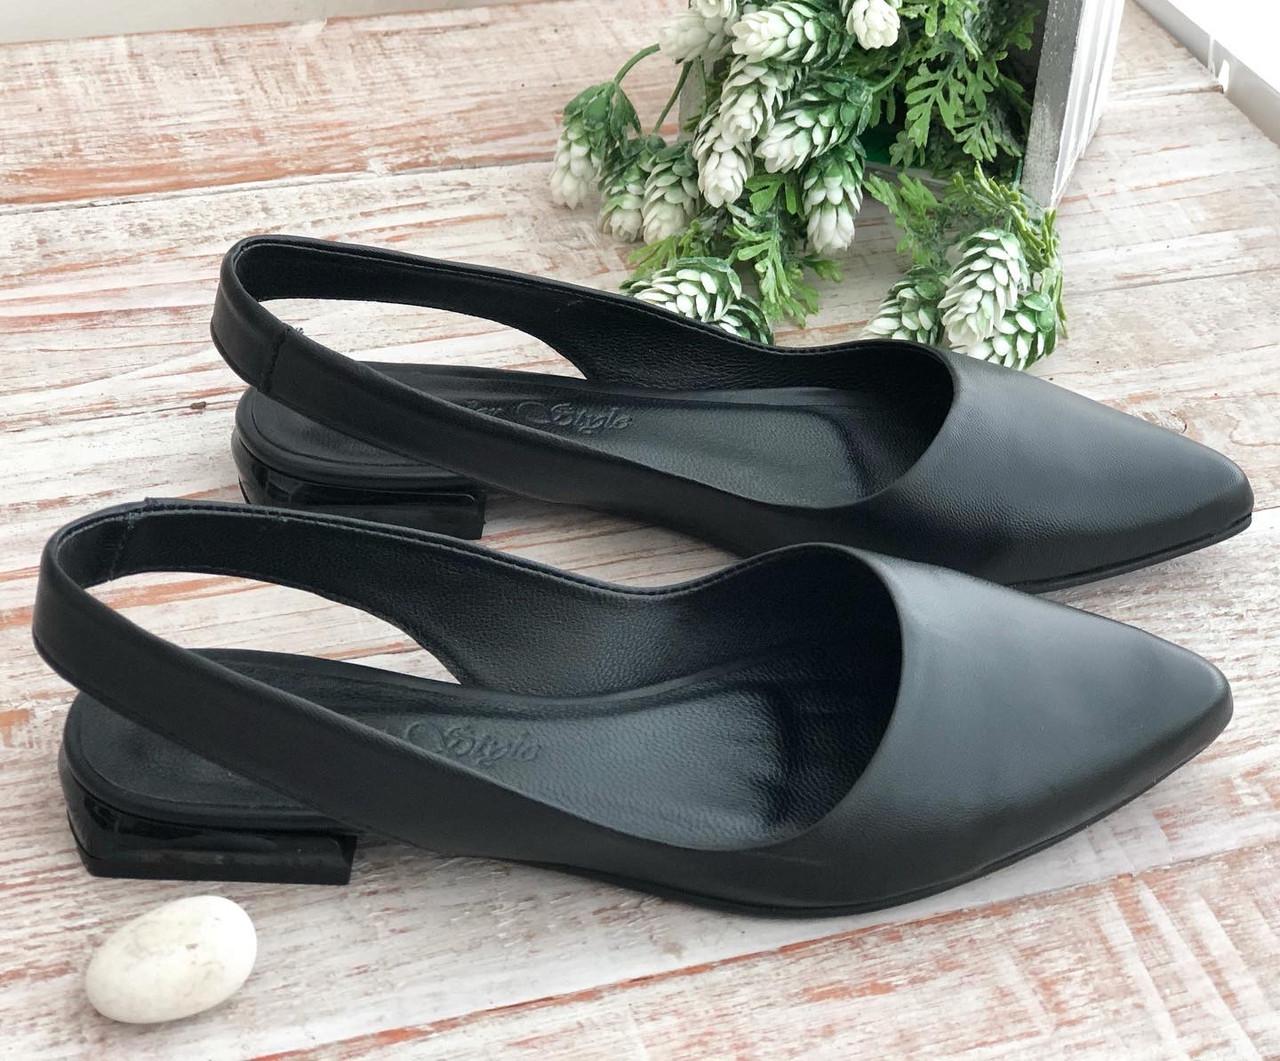 Босоножки женские чёрные очень модные 3261 чер размеры 36-40